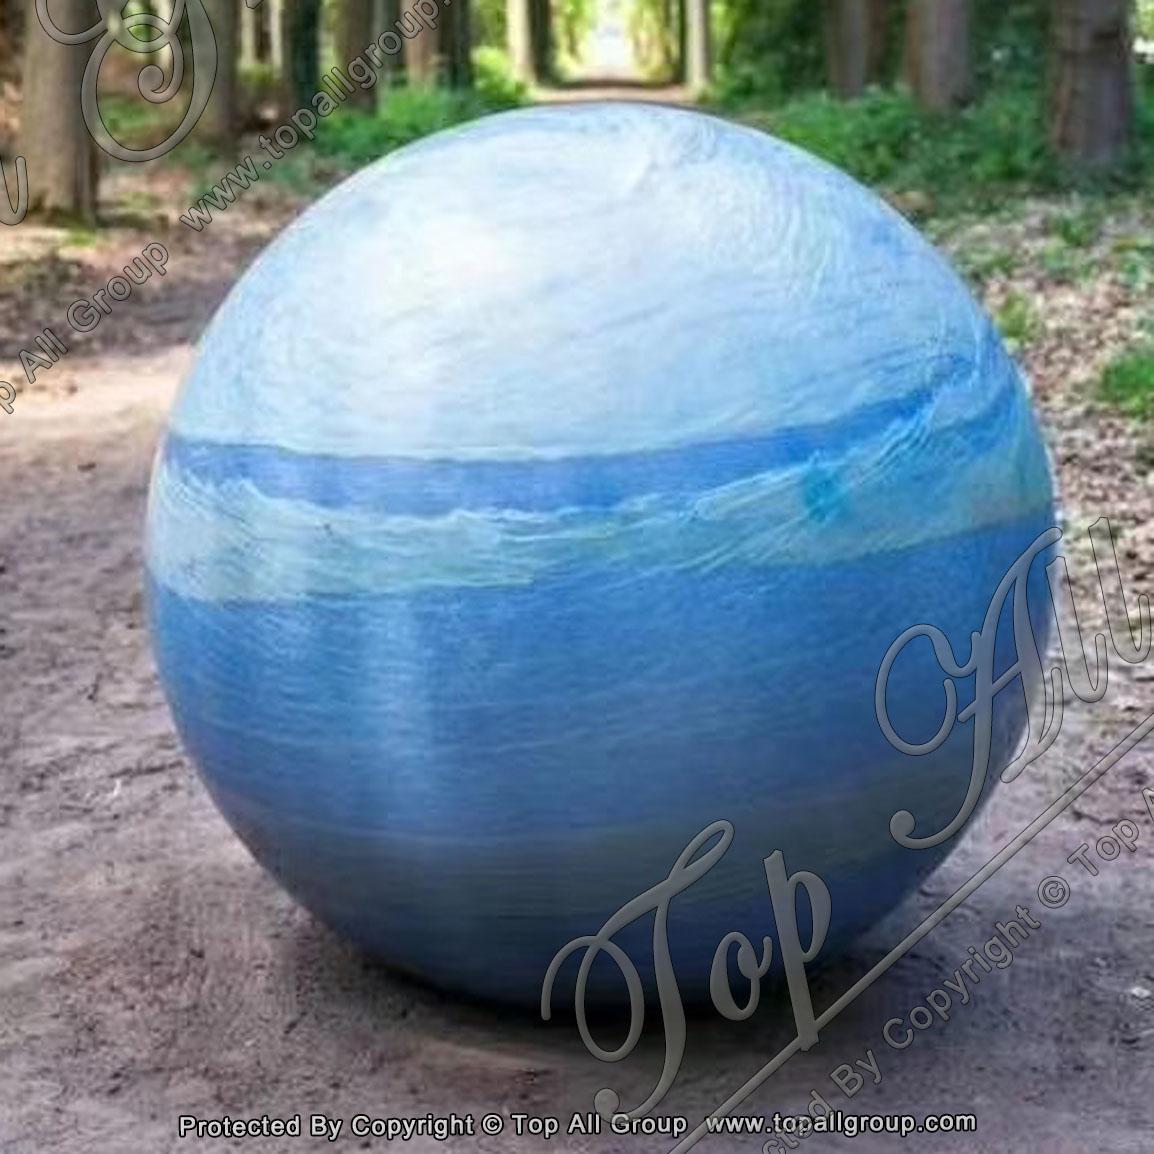 Azul Macaubas Marble Ball Fountain